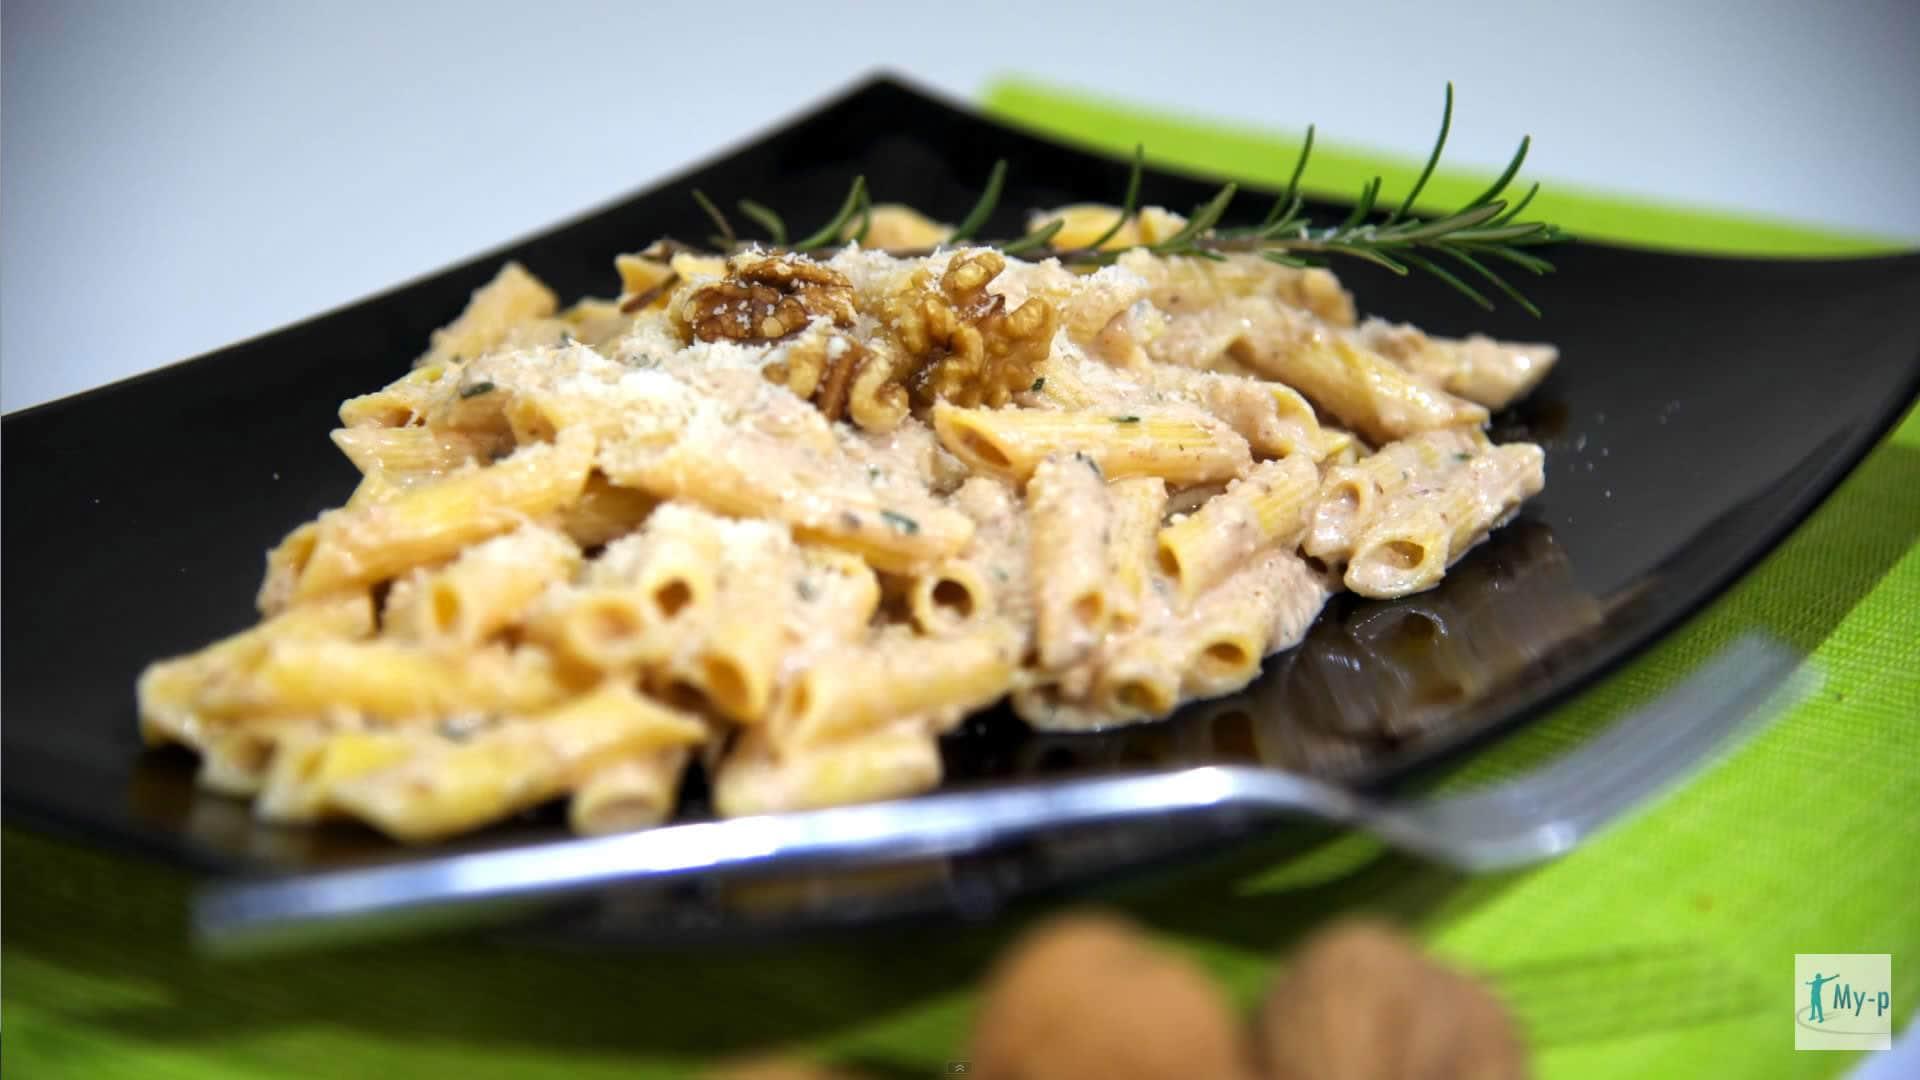 Pranzo Yogurt Magro : Pasta di mais con noci e yogurt profumato